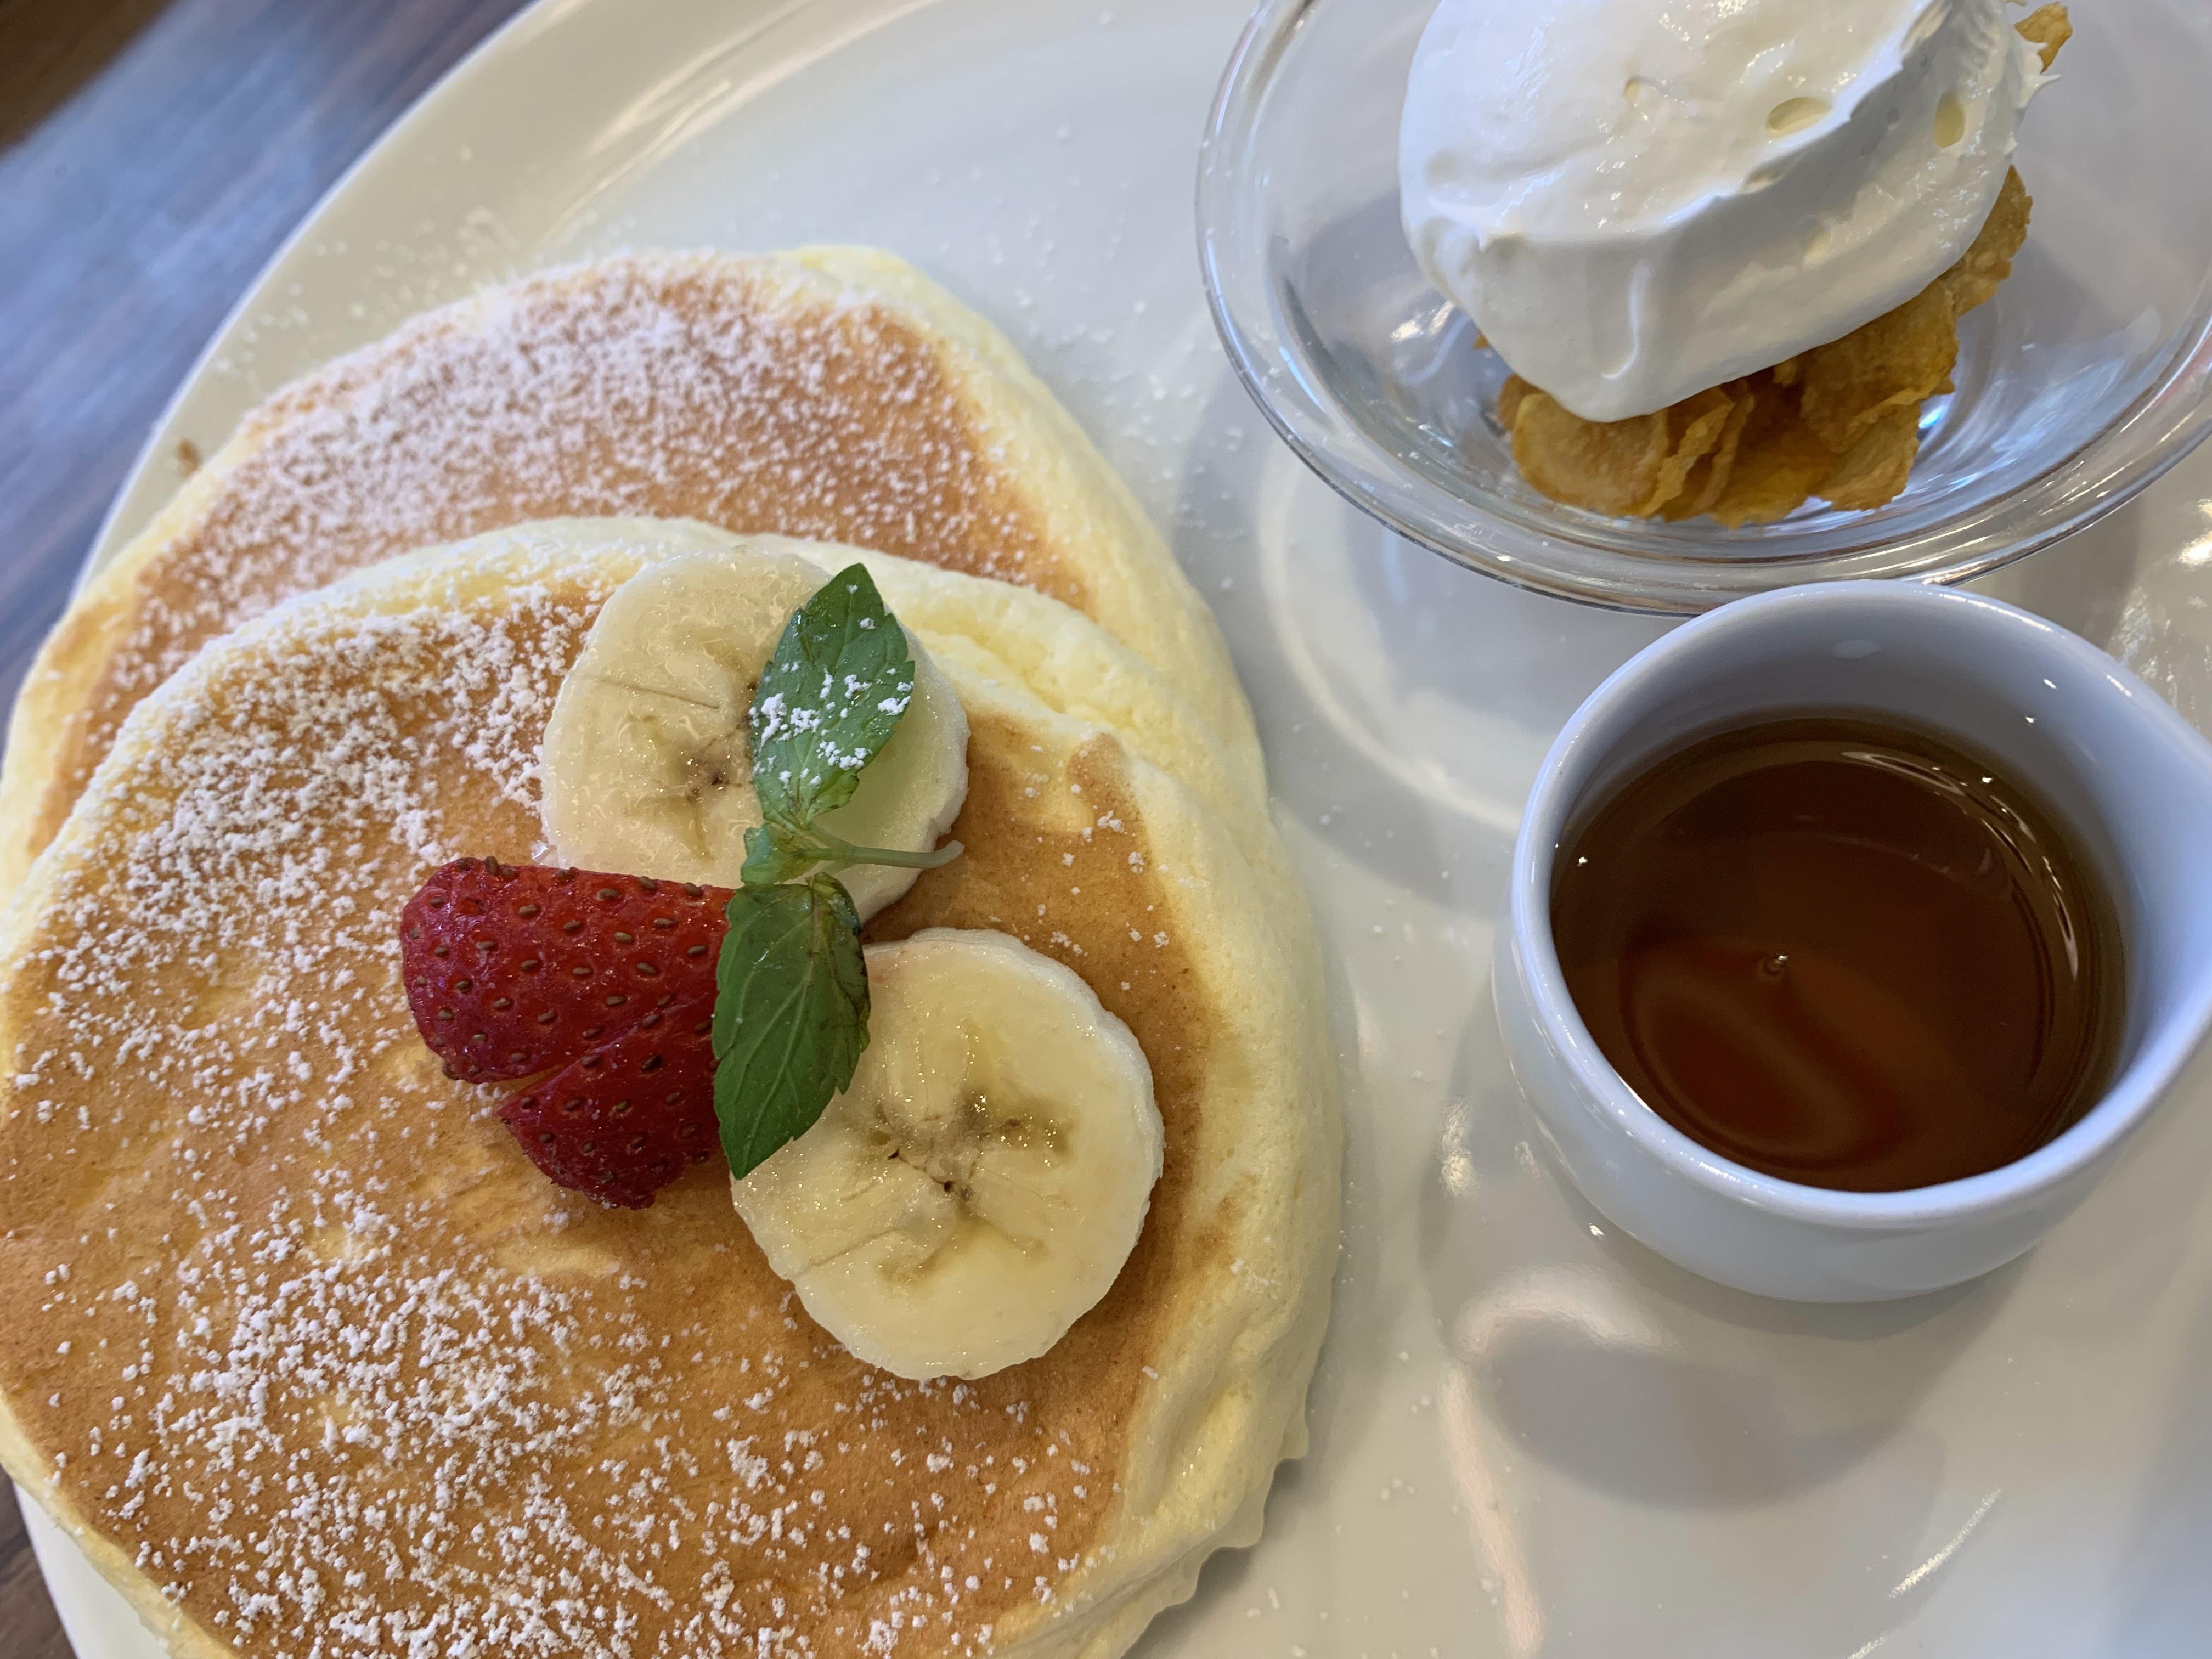 高倉町珈琲のパンケーキは美味しい?〇〇珈琲店スイーツ食べ歩きブログ03